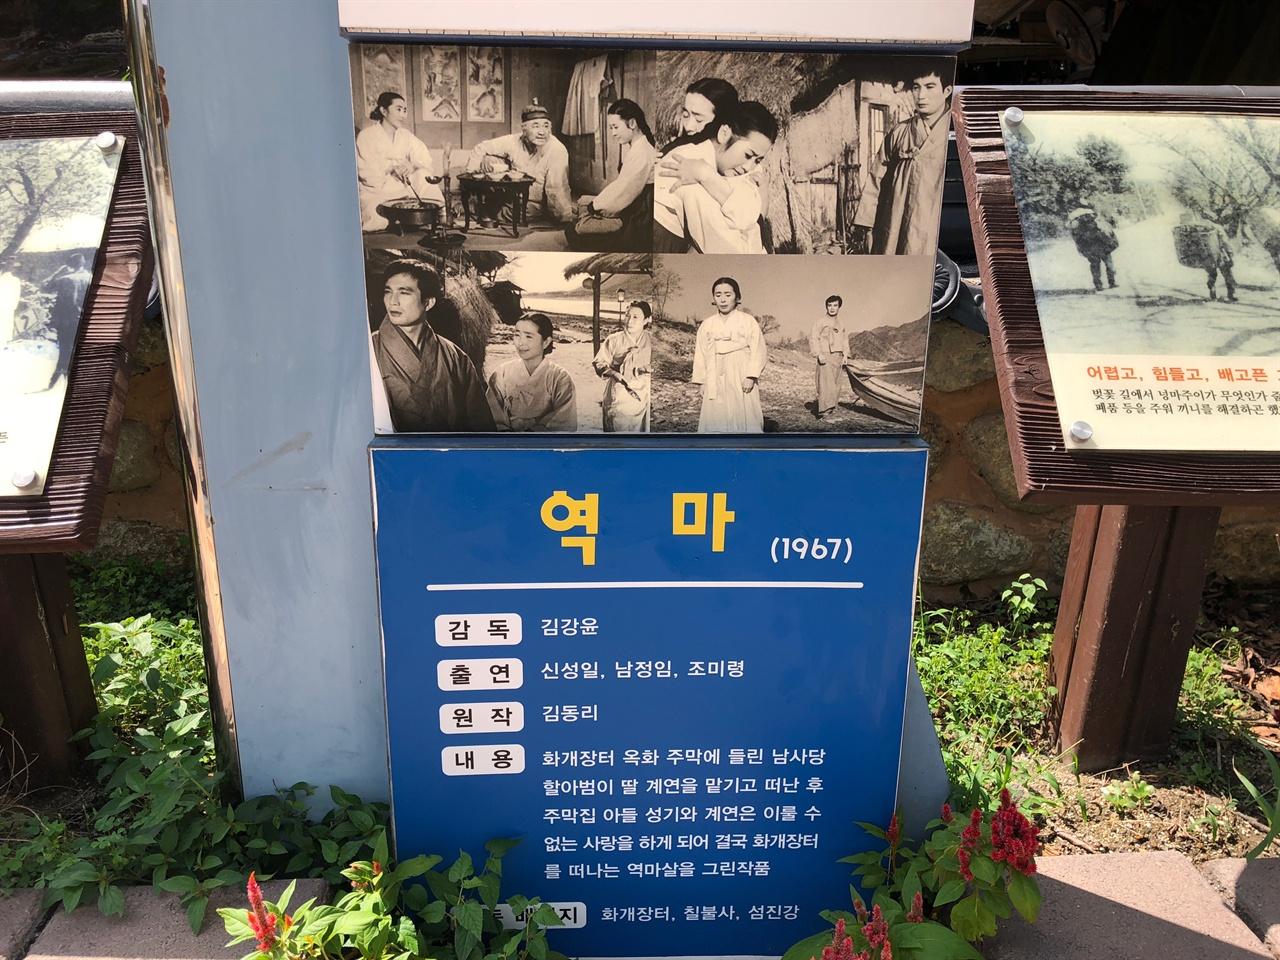 소설 역마 의 배경지인 화개장터